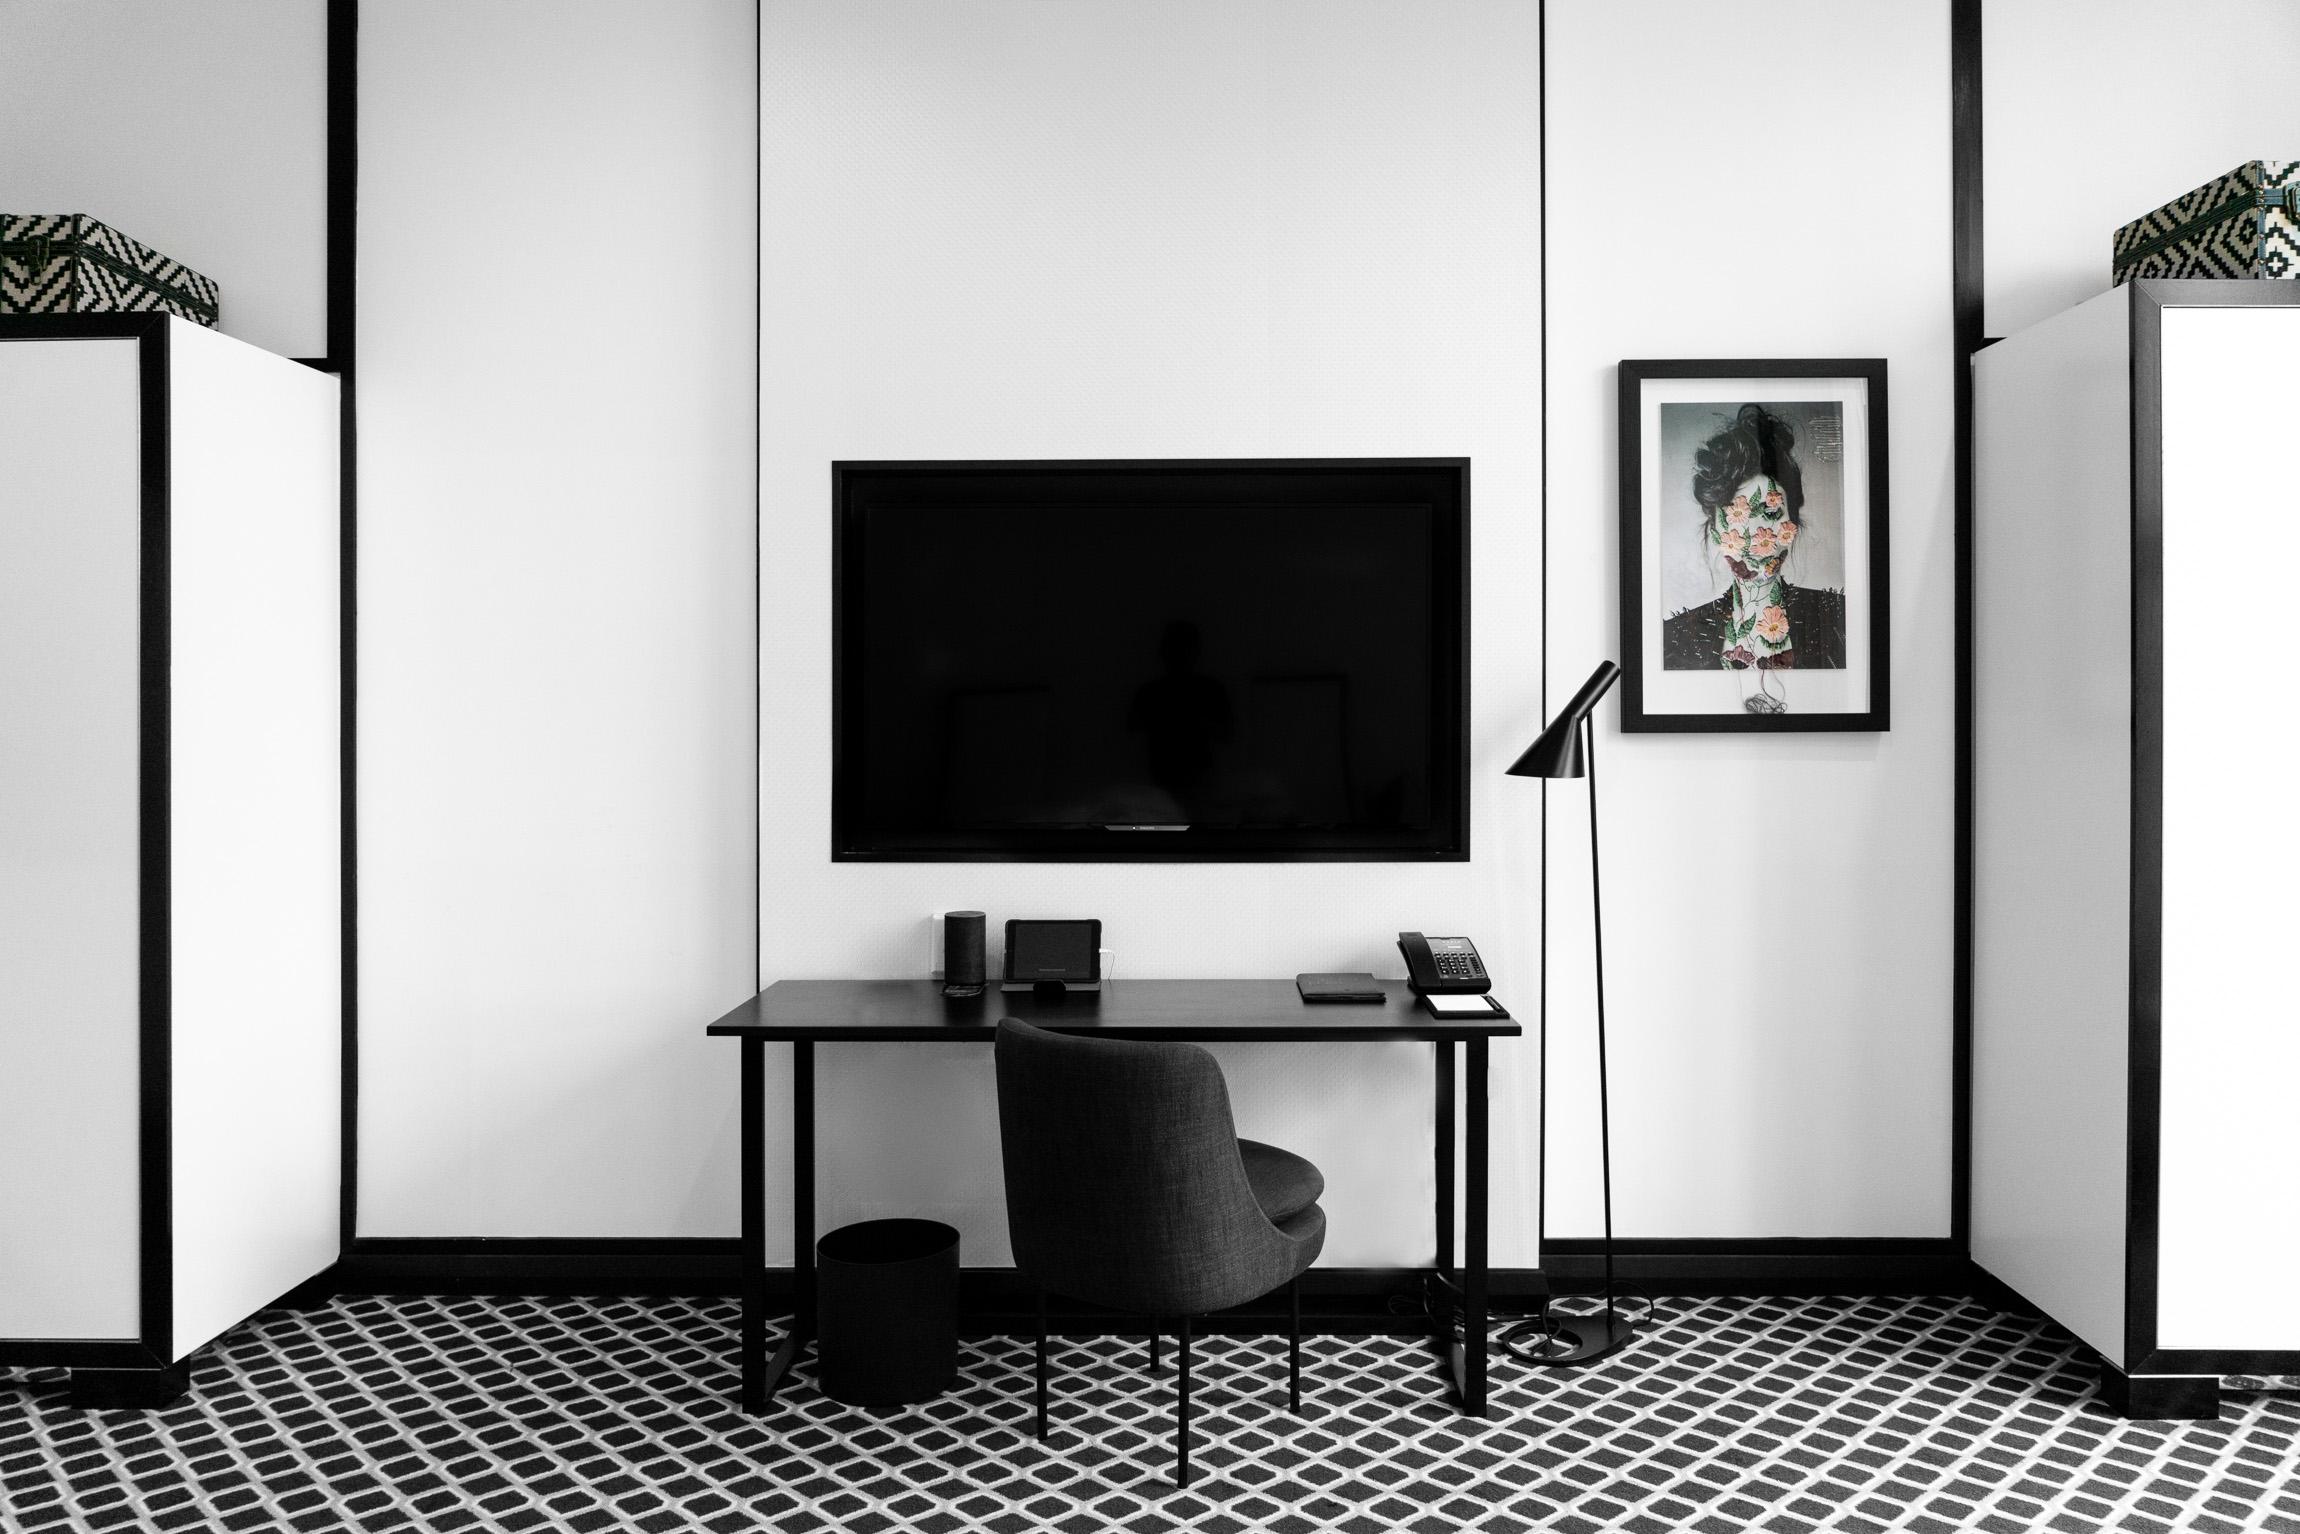 Ovolo Inchcolm - modern hotel - Brisbane